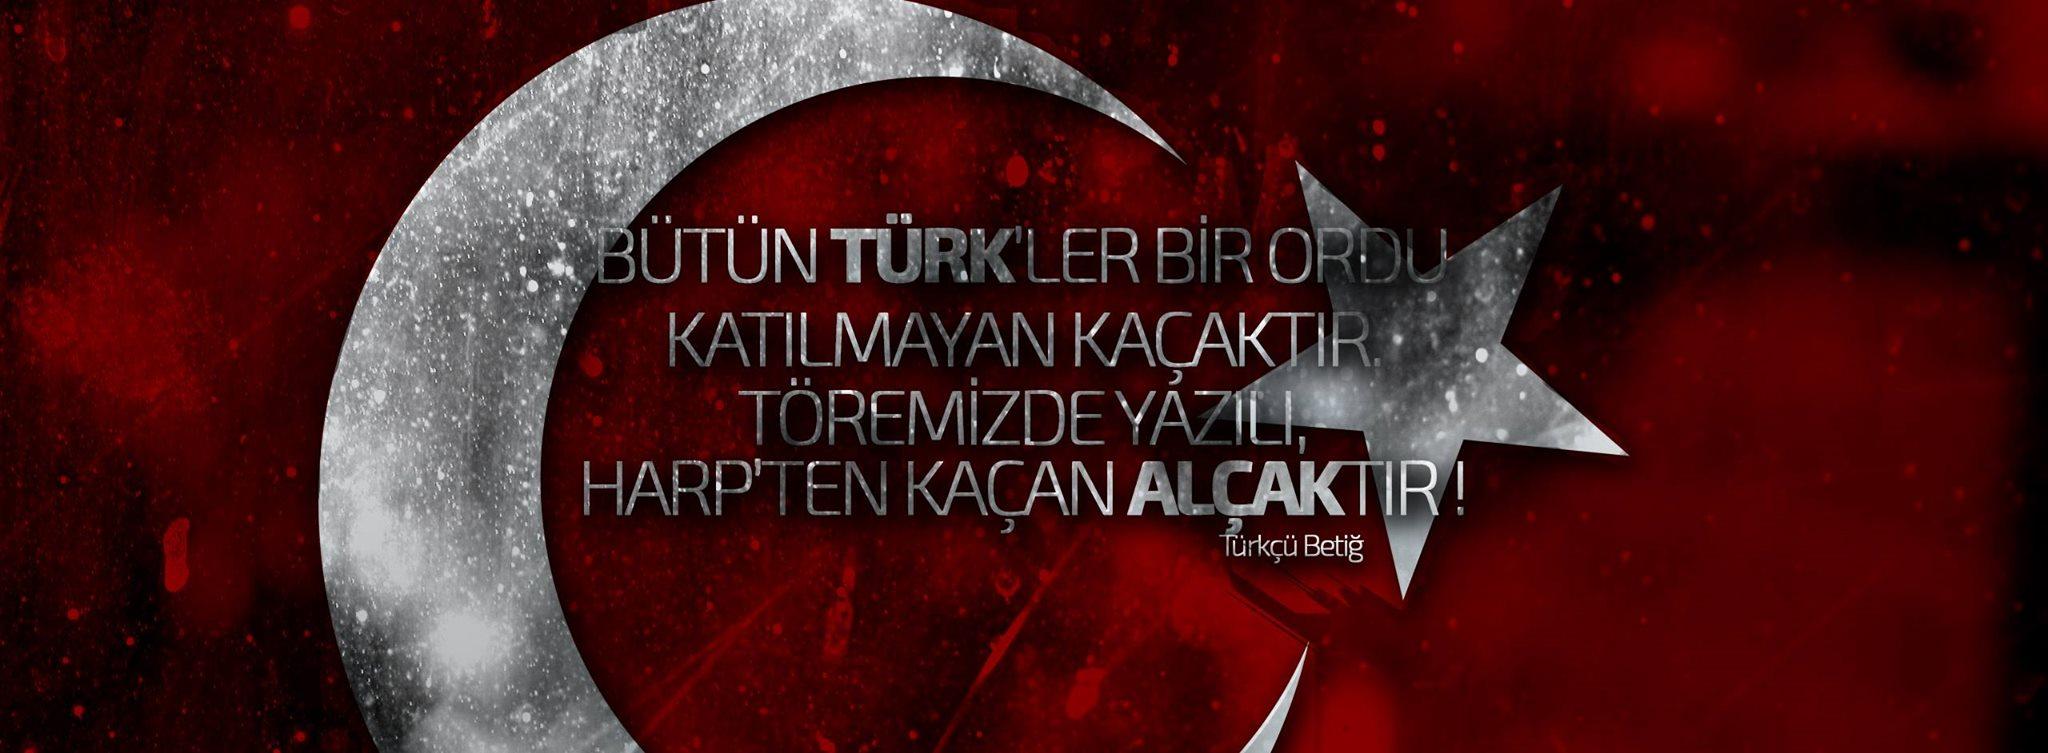 bütün türkler bir ordu 1